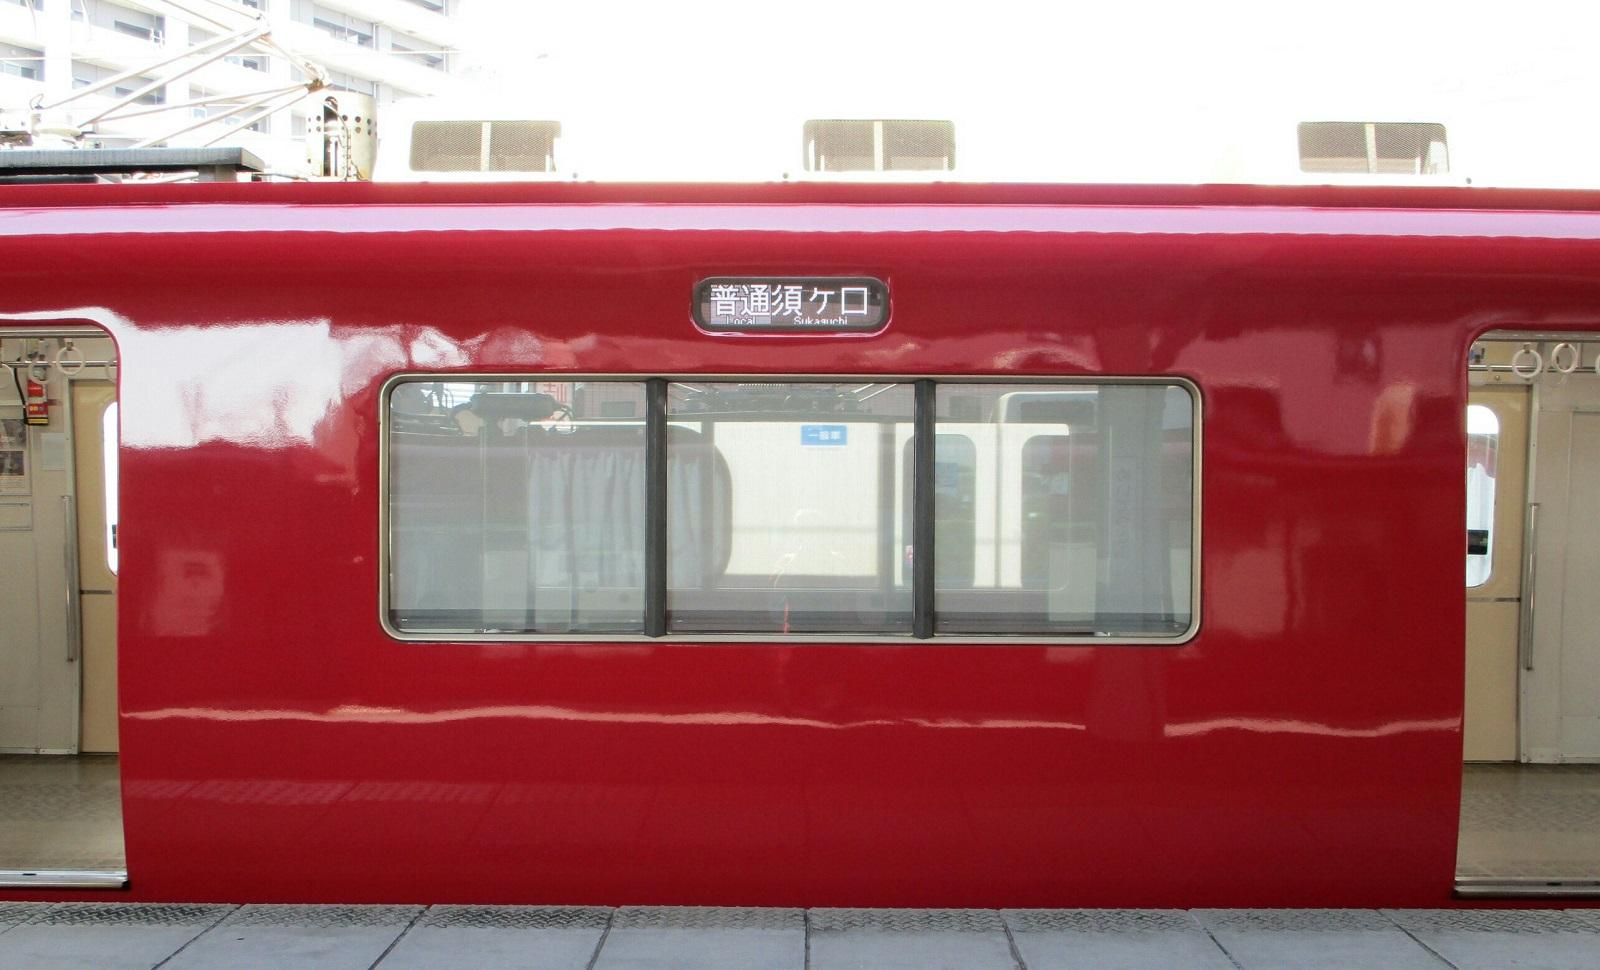 2018.7.18 (5) 岐阜 - 須ヶ口いきふつう 1600-970